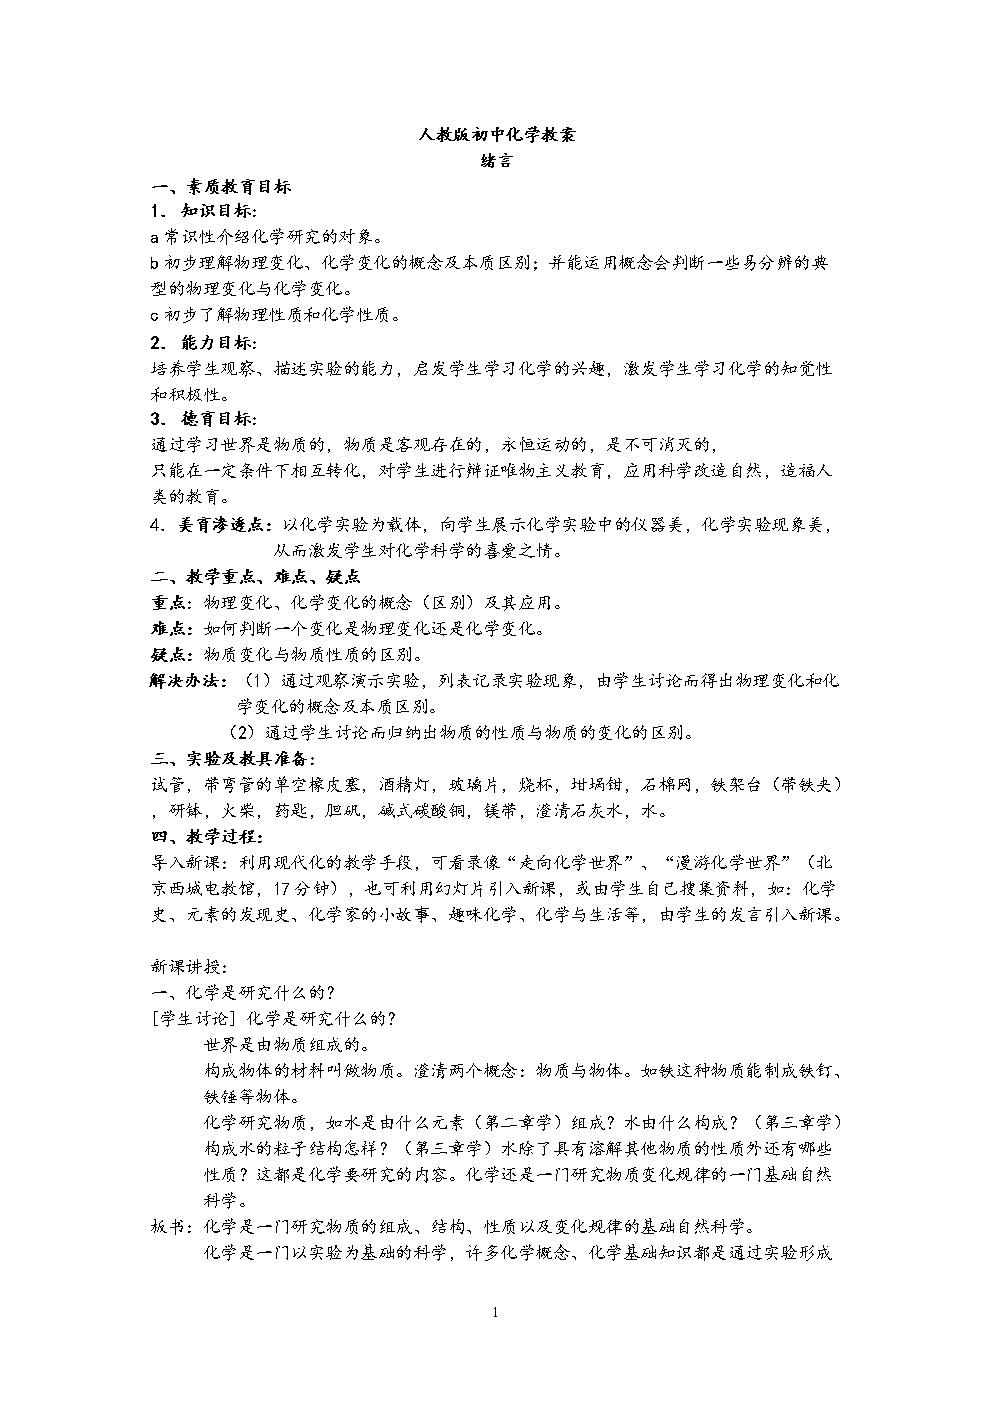 [生物版]化学初中教学课件(人教)(免费).doc及初中易教案答案错题图片